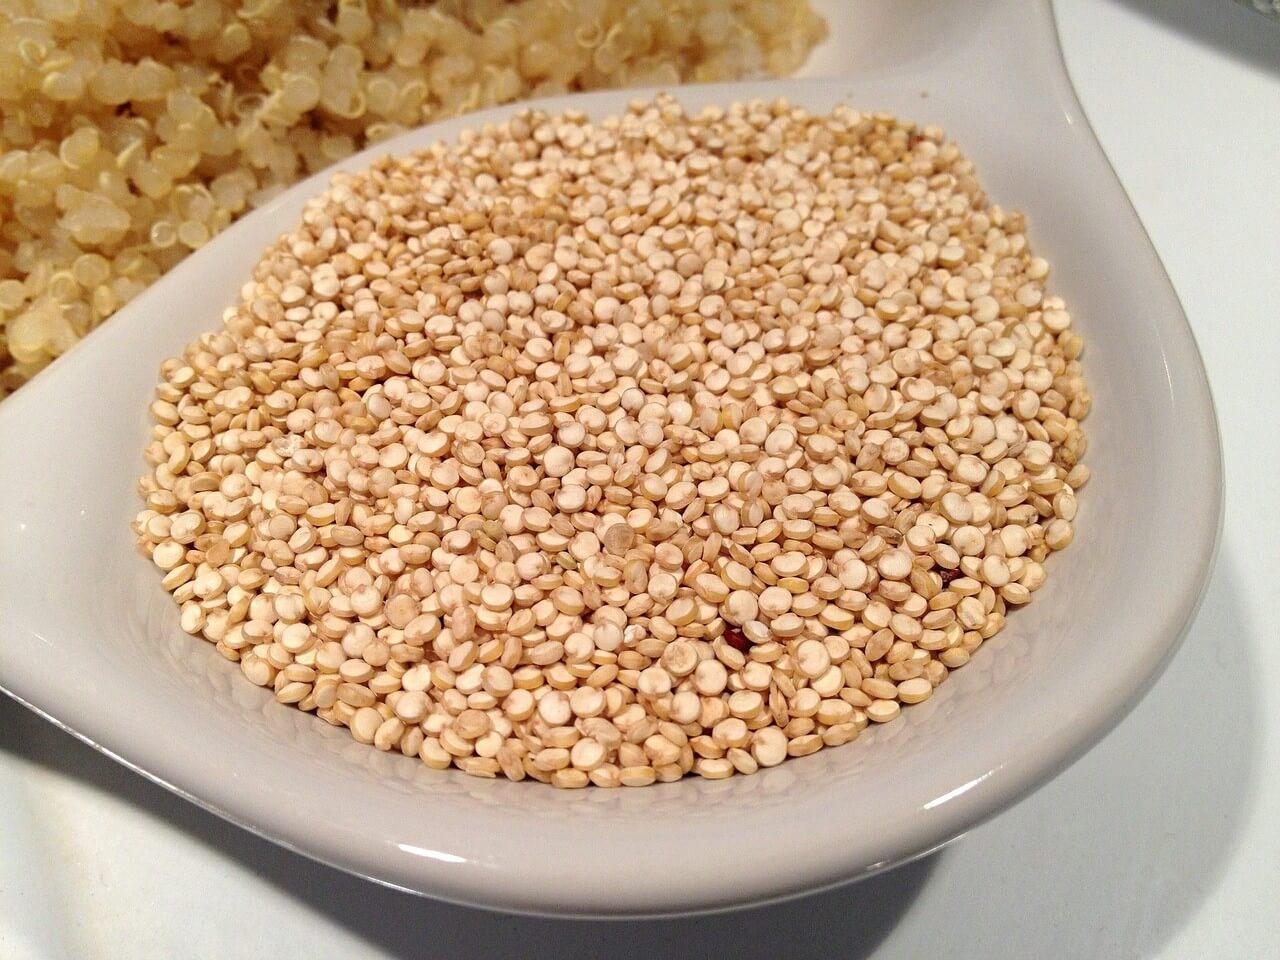 藜麥的營養價值、蛋白質知多少?帶你認識「超級食物」藜麥